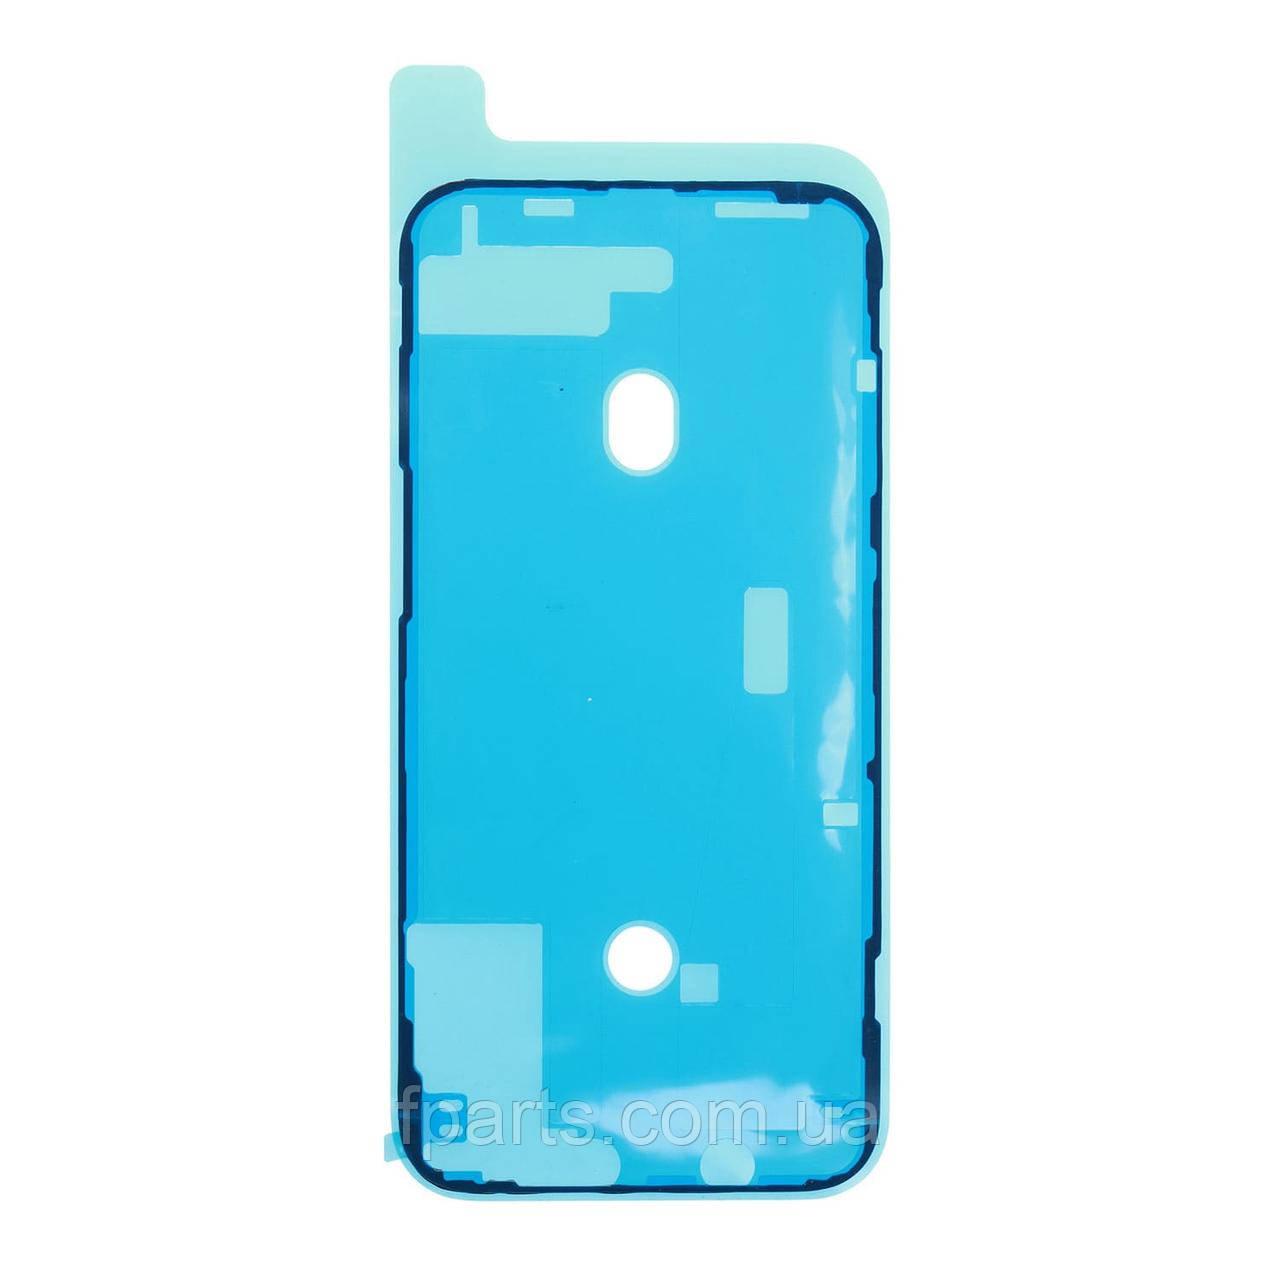 Стікер дисплея iPhone 12 Pro Max